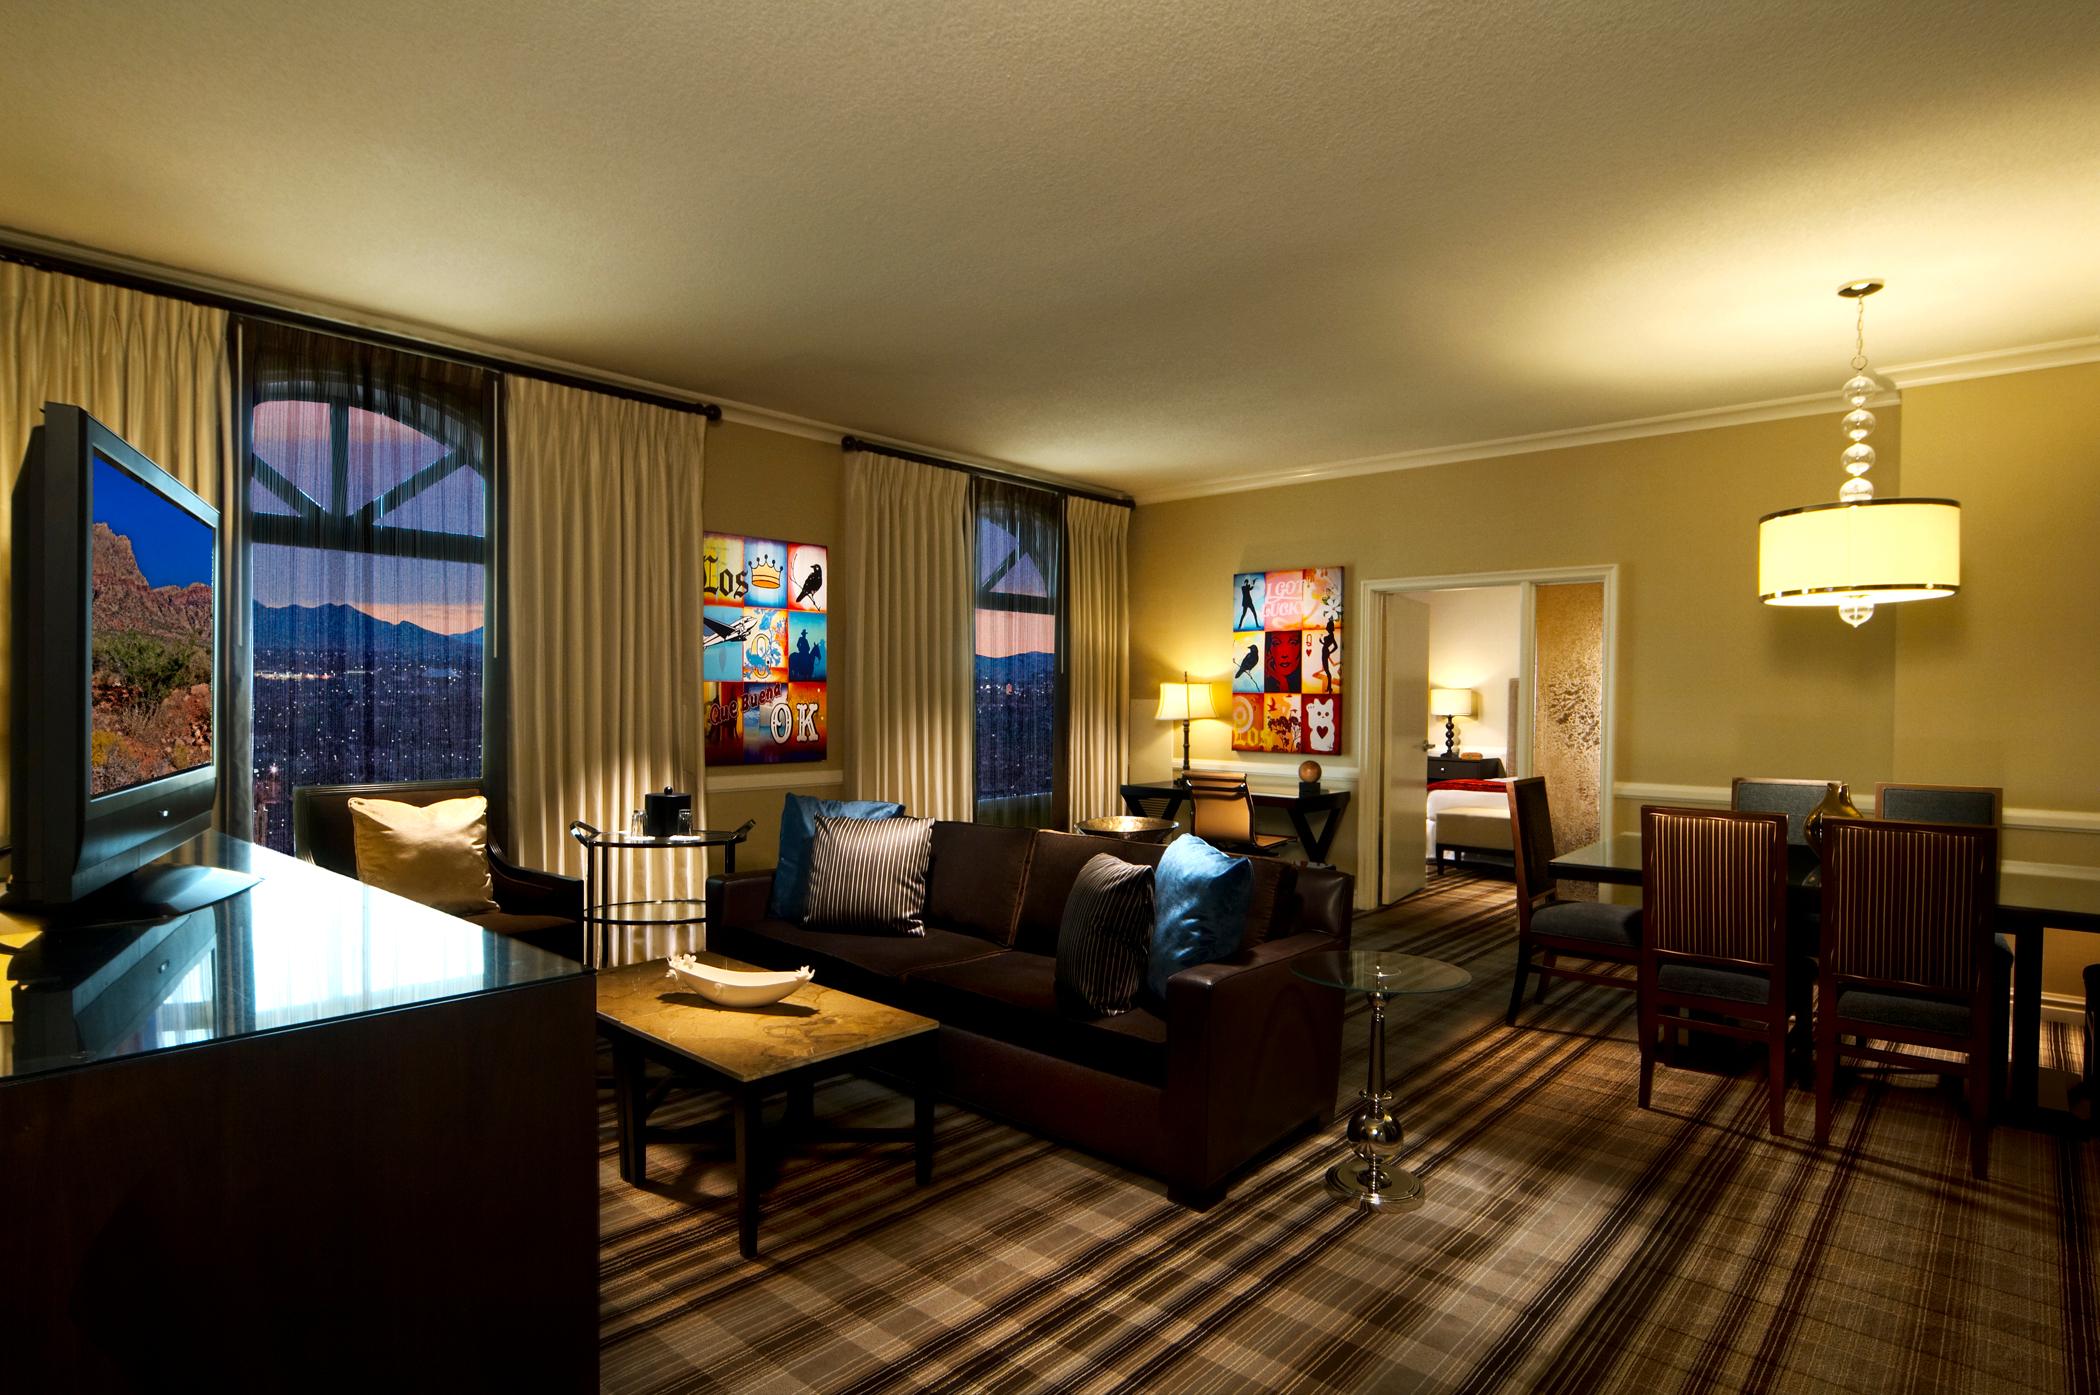 Boulder Station Hotel & Casino image 3